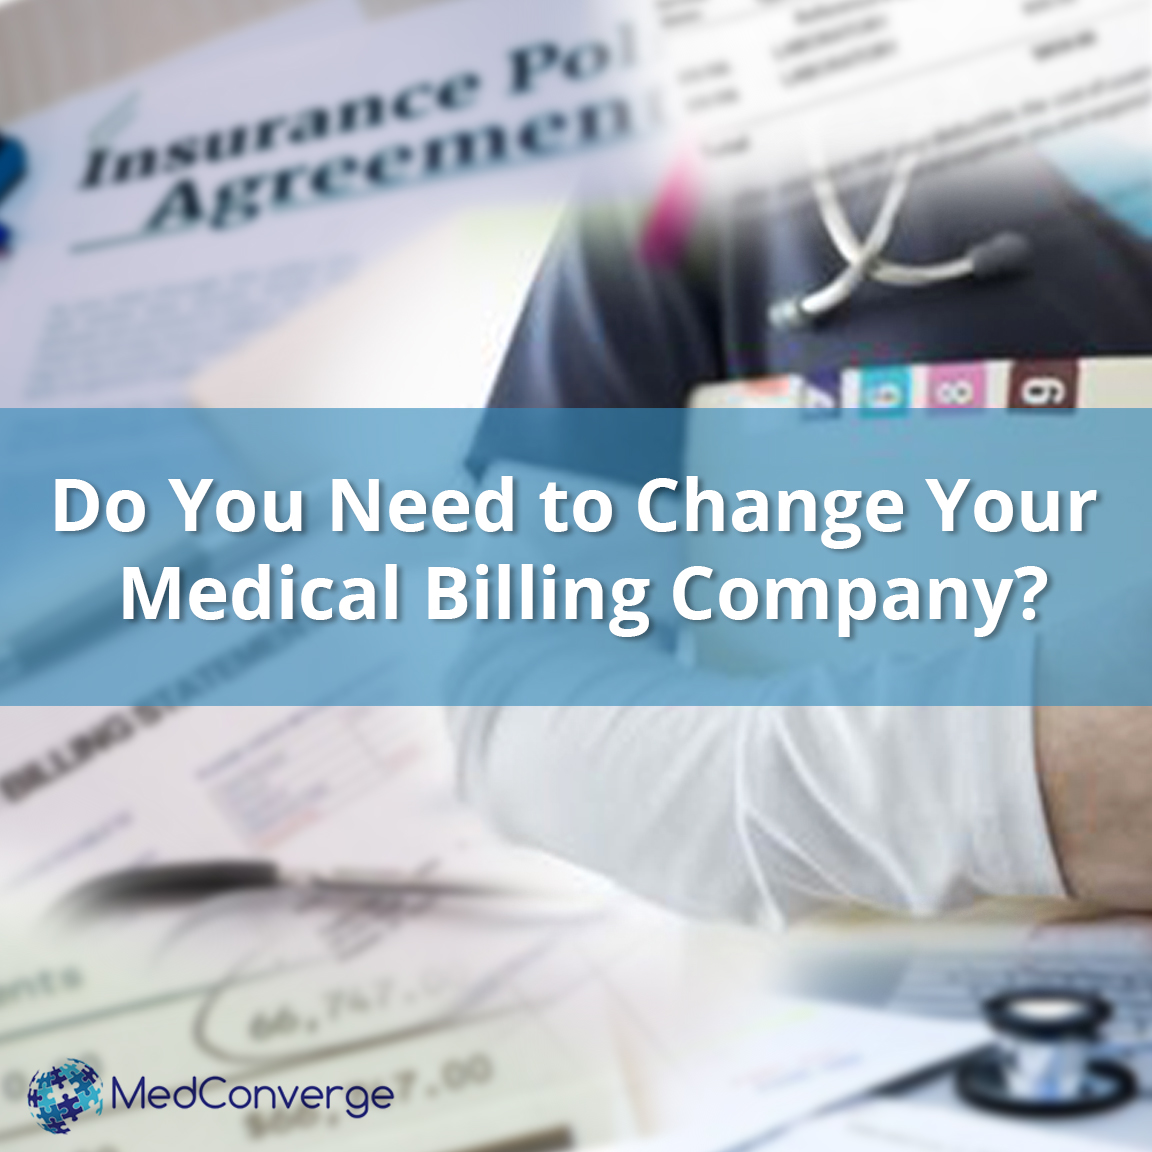 Change Medical Billing Provider